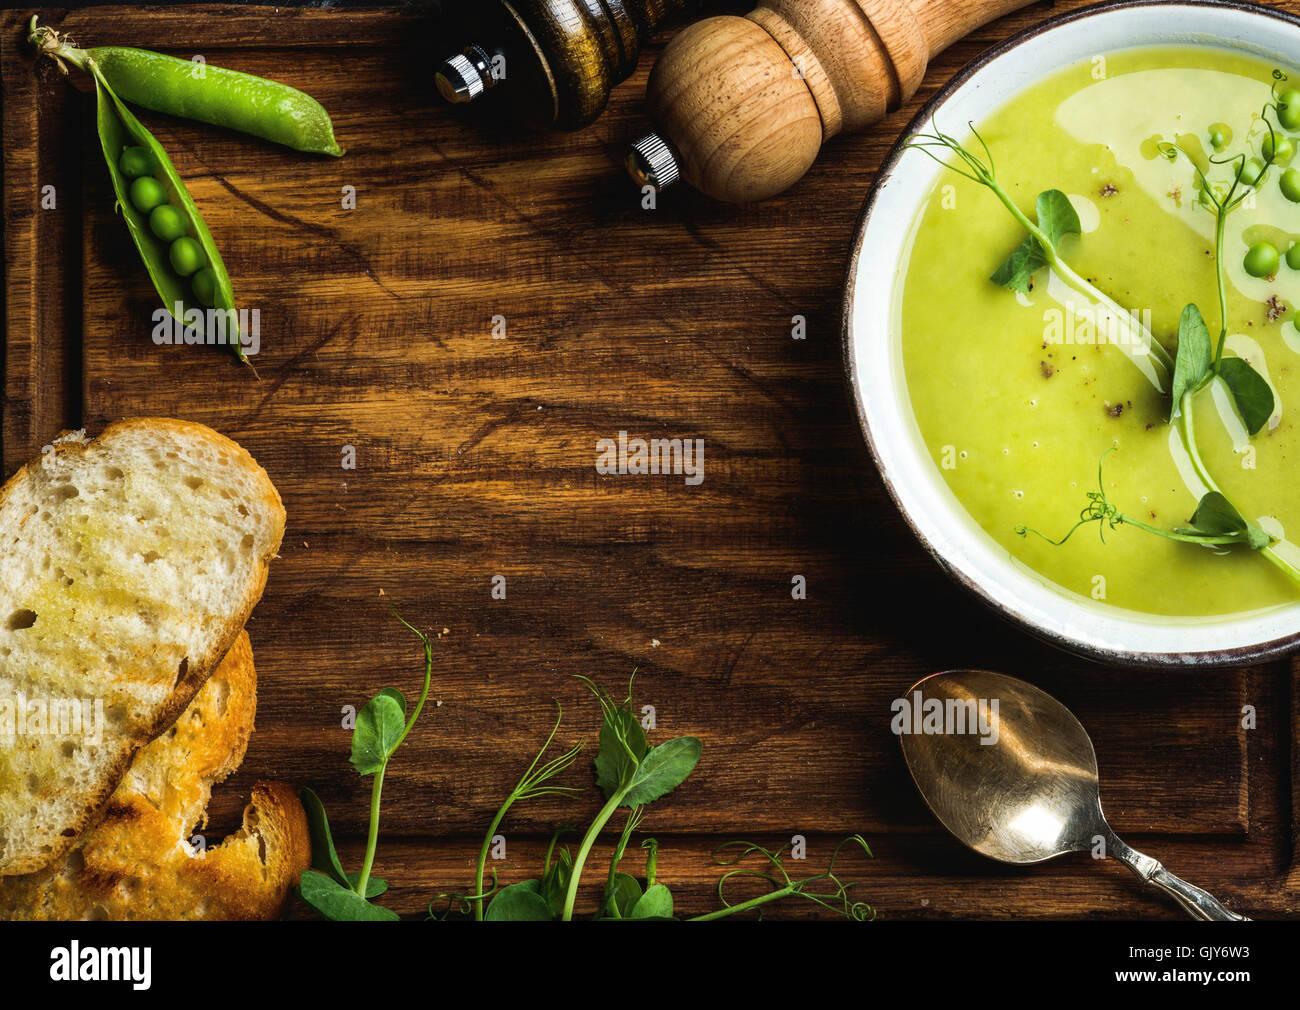 Pease casera dulce sopa crema en el tazón con pan blanco sobre fondo de madera rústica, vista superior, Imagen De Stock